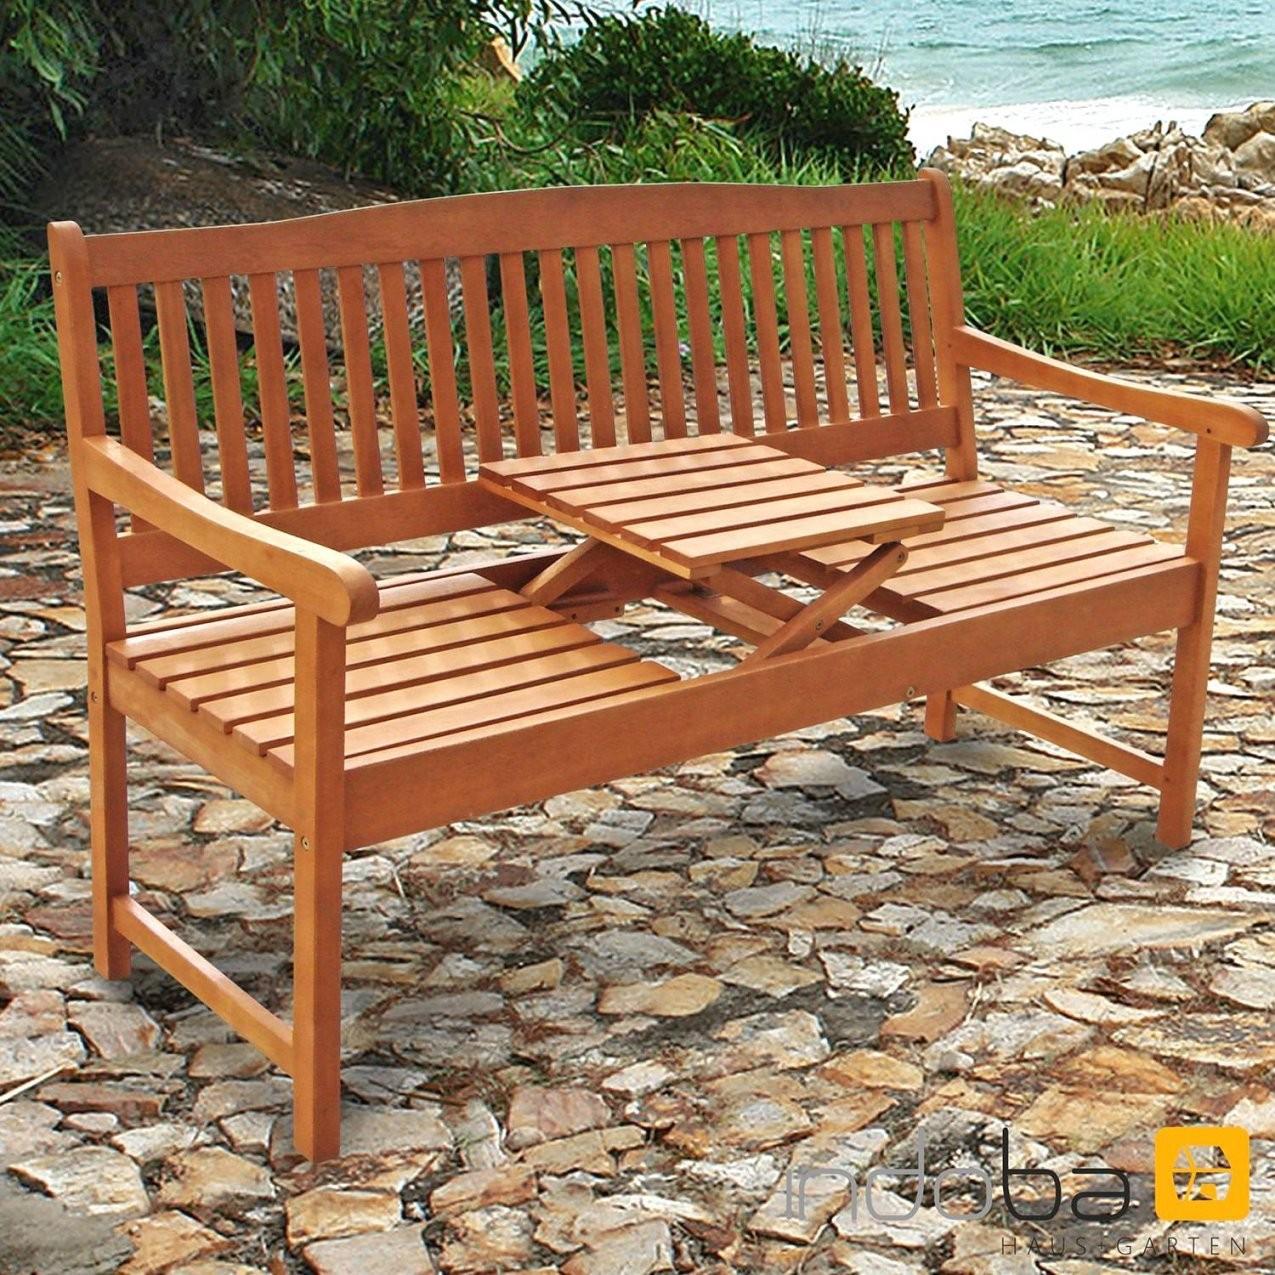 Einzigartig 40 Gartenbank Mit Integriertem Tisch Planen von Gartenbank Holz Mit Integriertem Tisch Bild